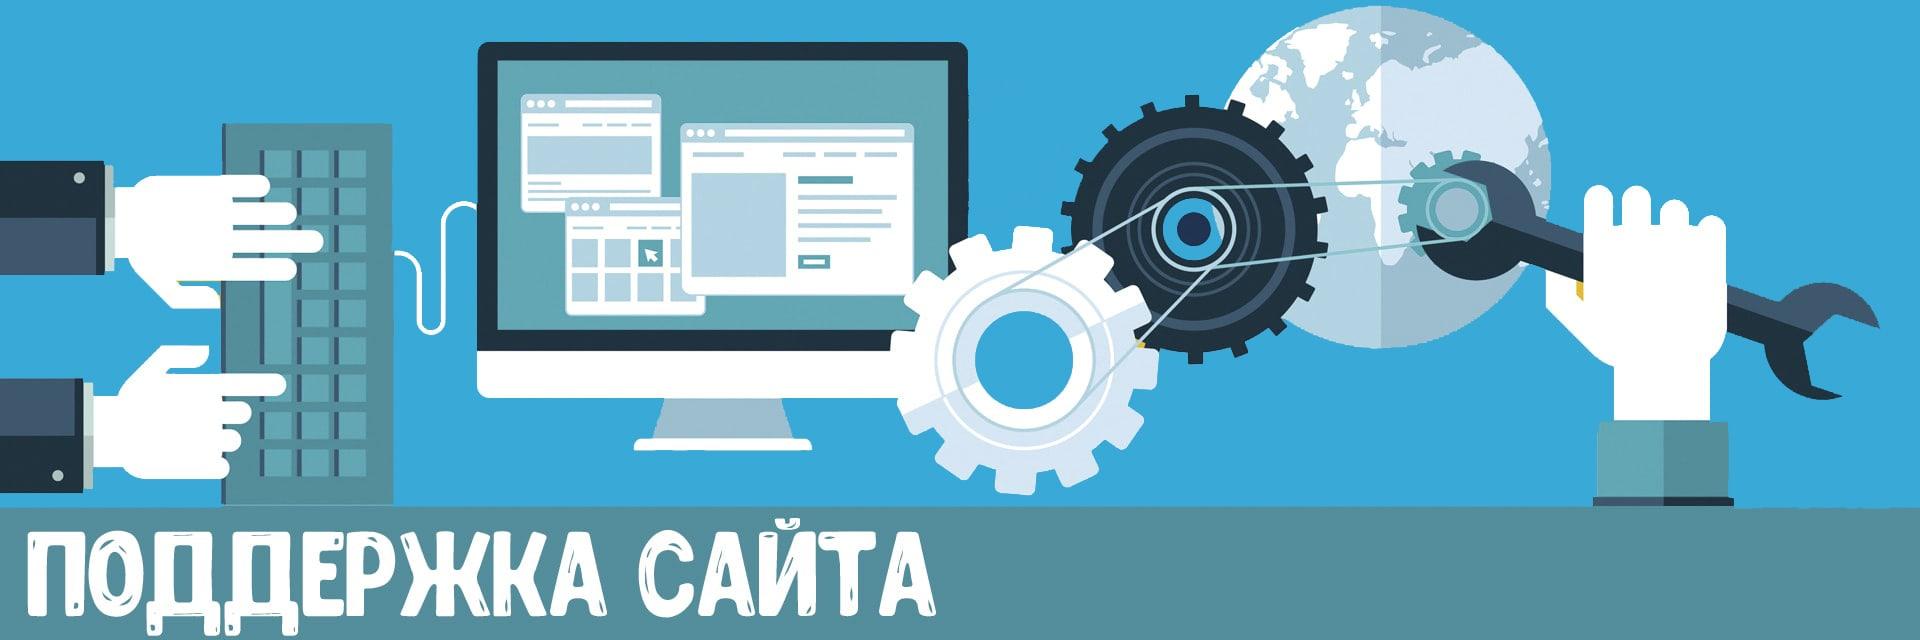 Техническая поддержка сайта и его развитие